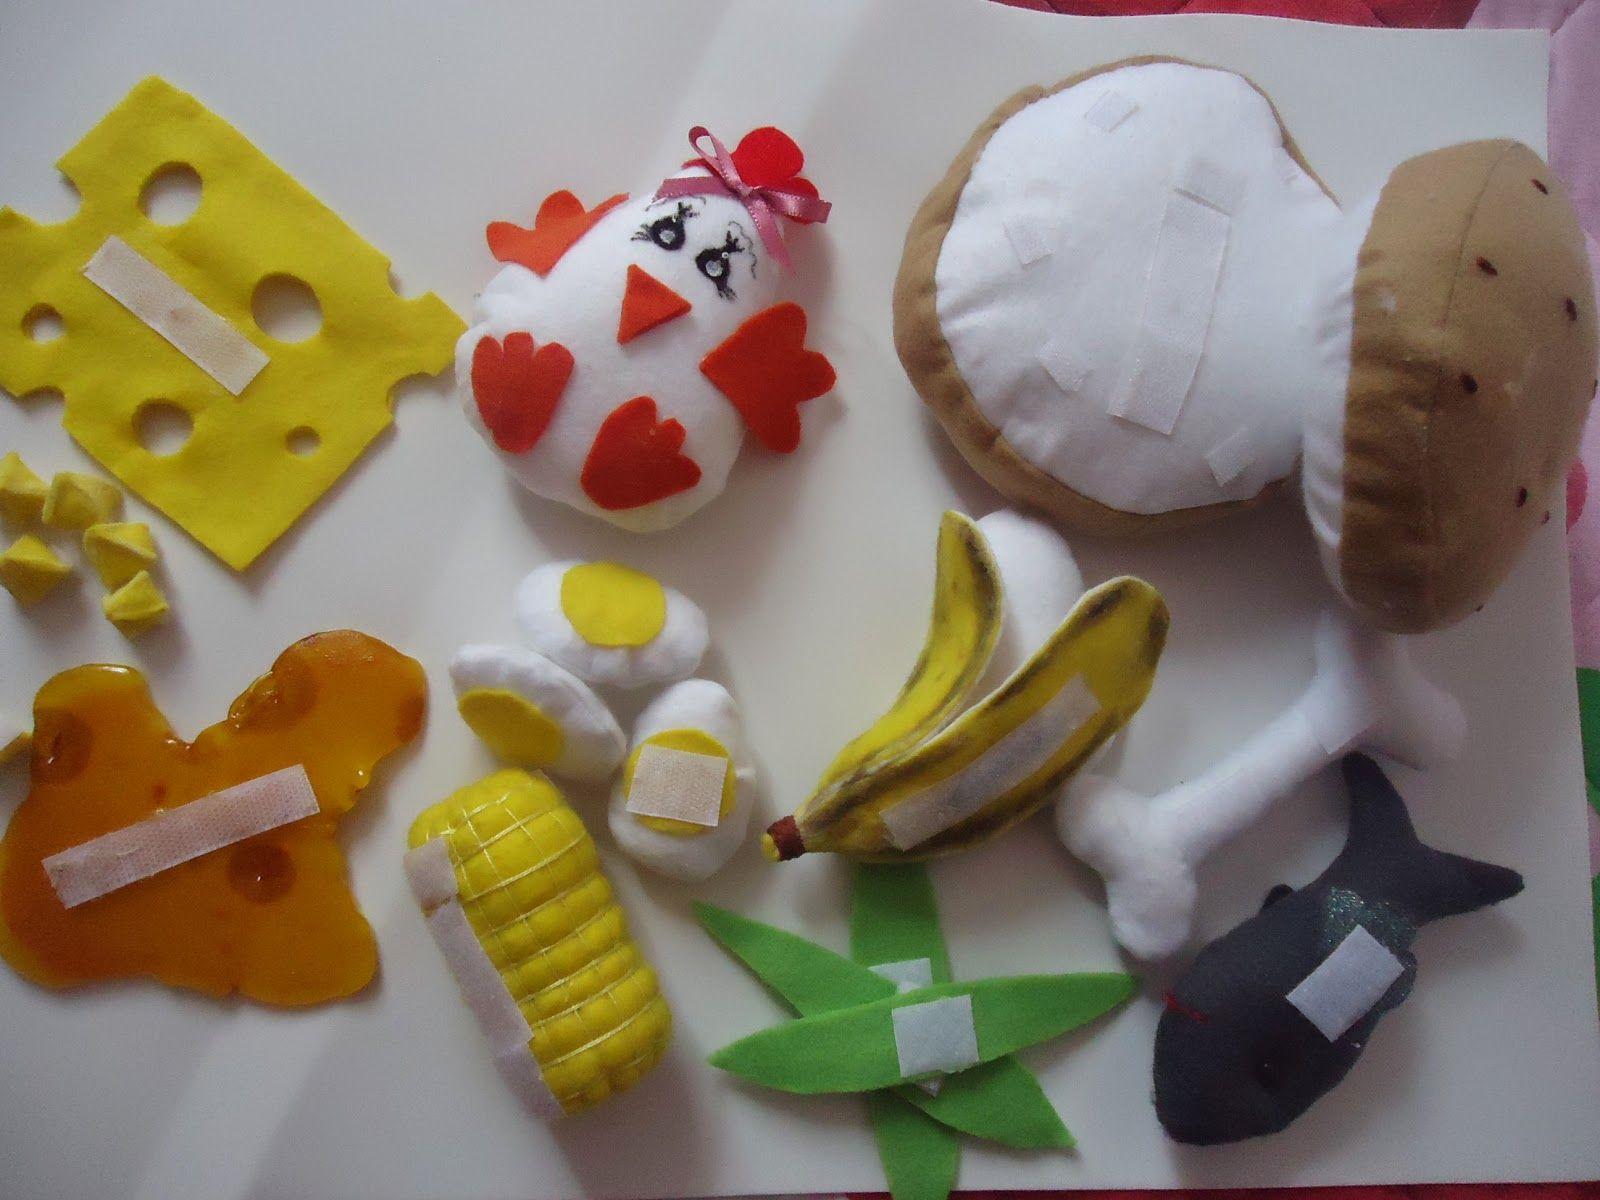 O Sanduiche Da Maricota Personagens Pesquisa Google Com Imagens